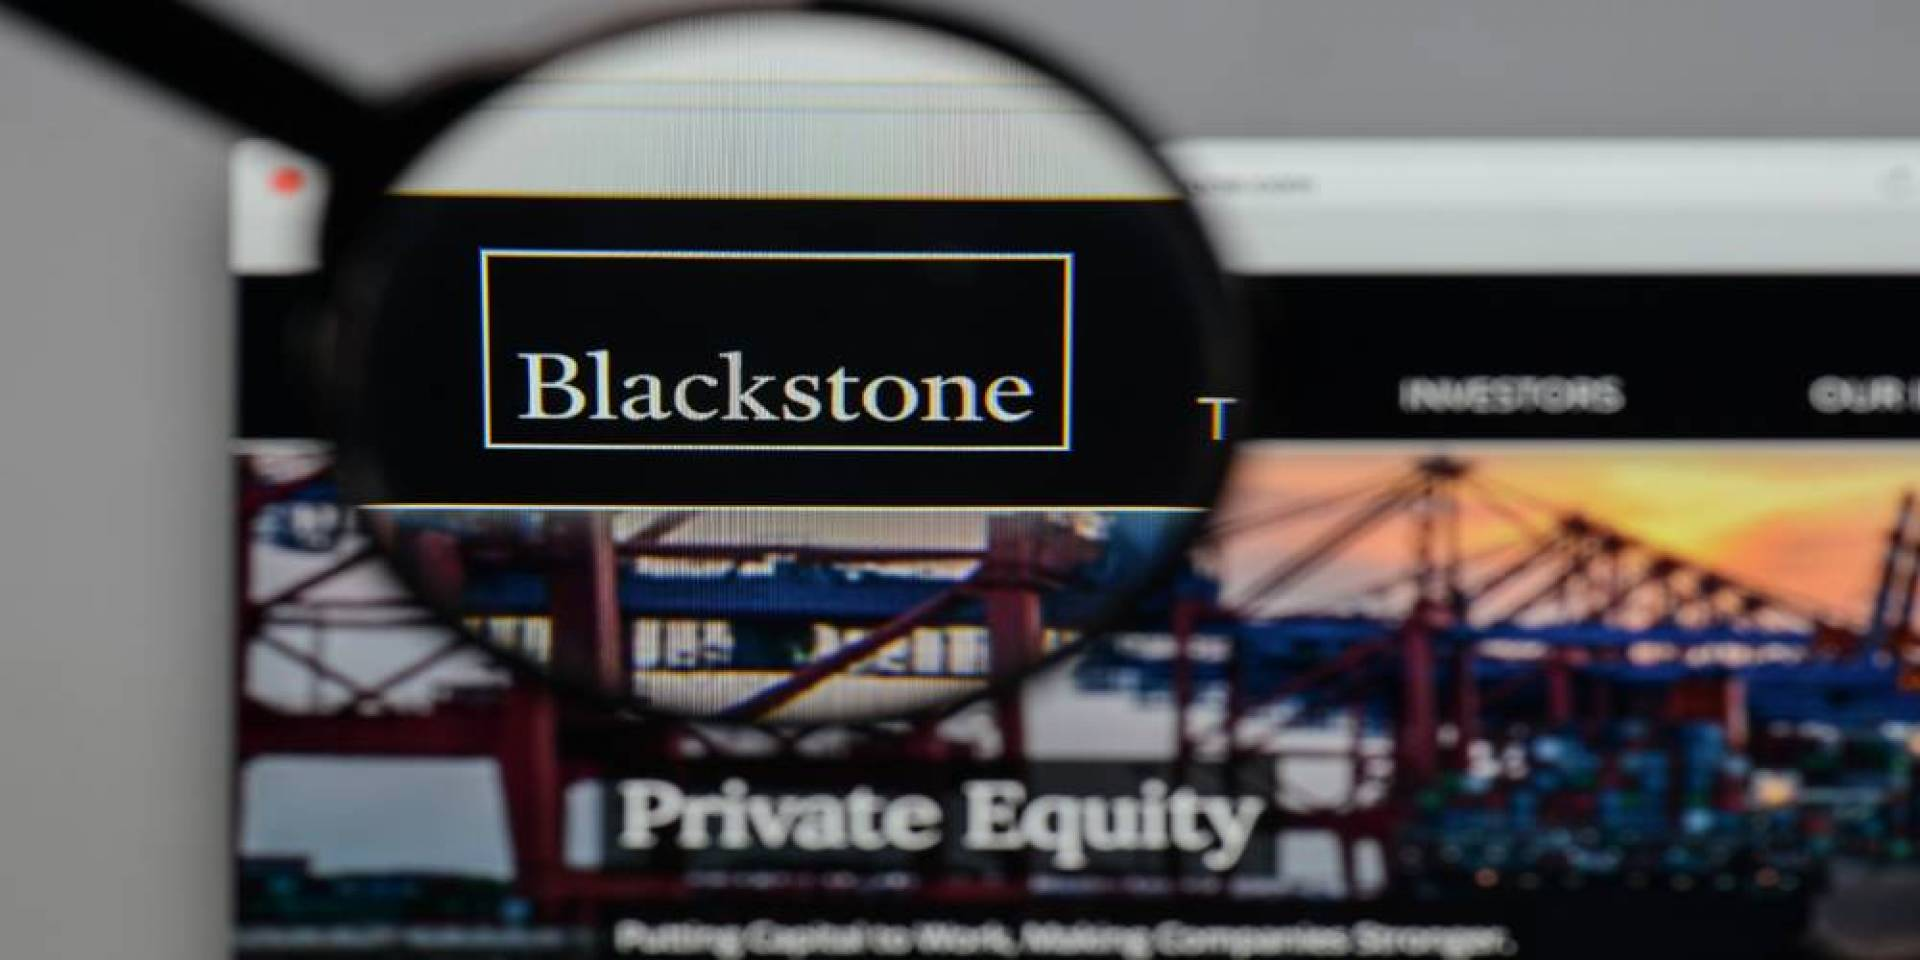 8 مليارات دولار لصندوق «بلاكستون» الاستثماري